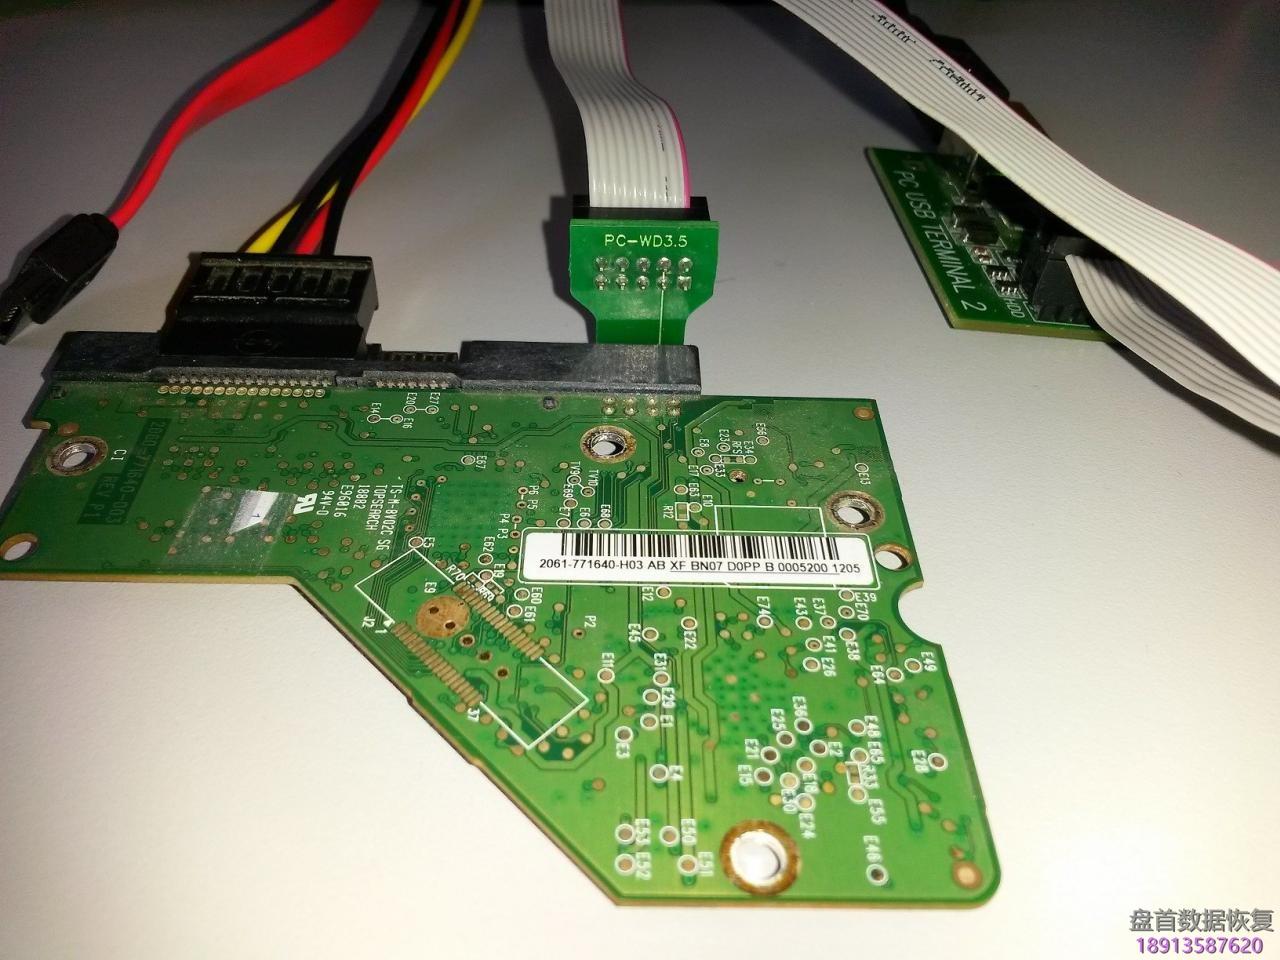 使用pc-3000-for-hdd的boot-romcom端口模式读写3-5和2-5西部数据硬盘的rom 使用PC-3000 for HDD的Boot ROM(COM端口)模式读写3.5和2.5西部数据硬盘的ROM